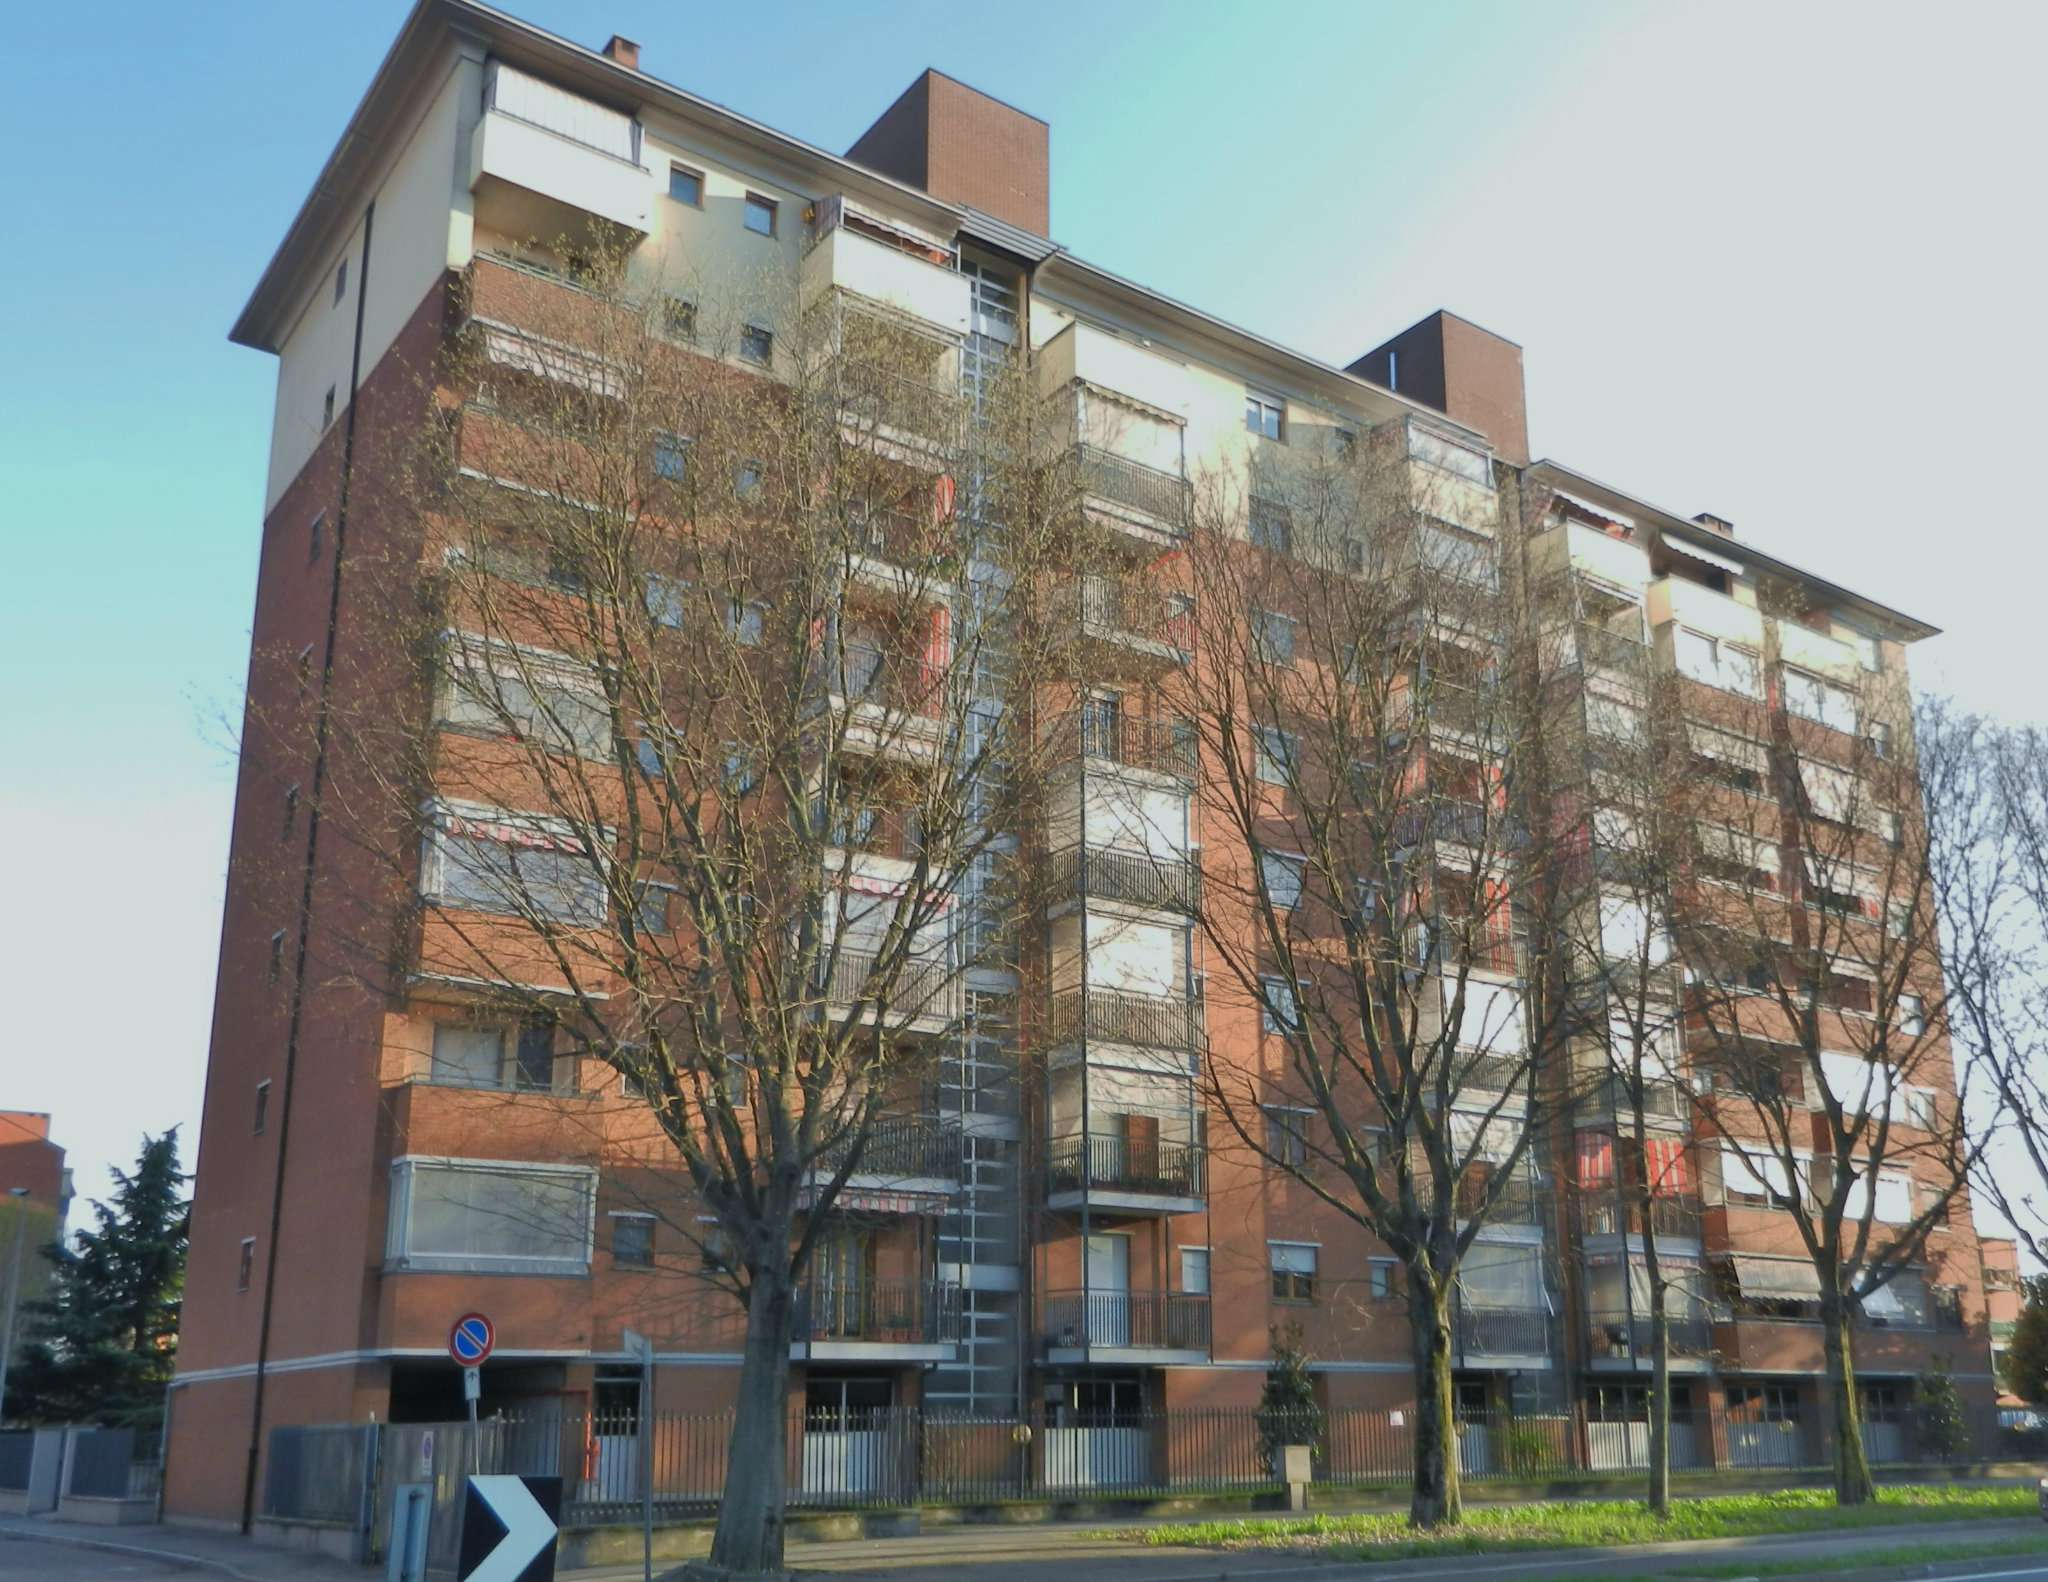 Appartamento in vendita a Venaria Reale, 2 locali, prezzo € 110.000 | CambioCasa.it